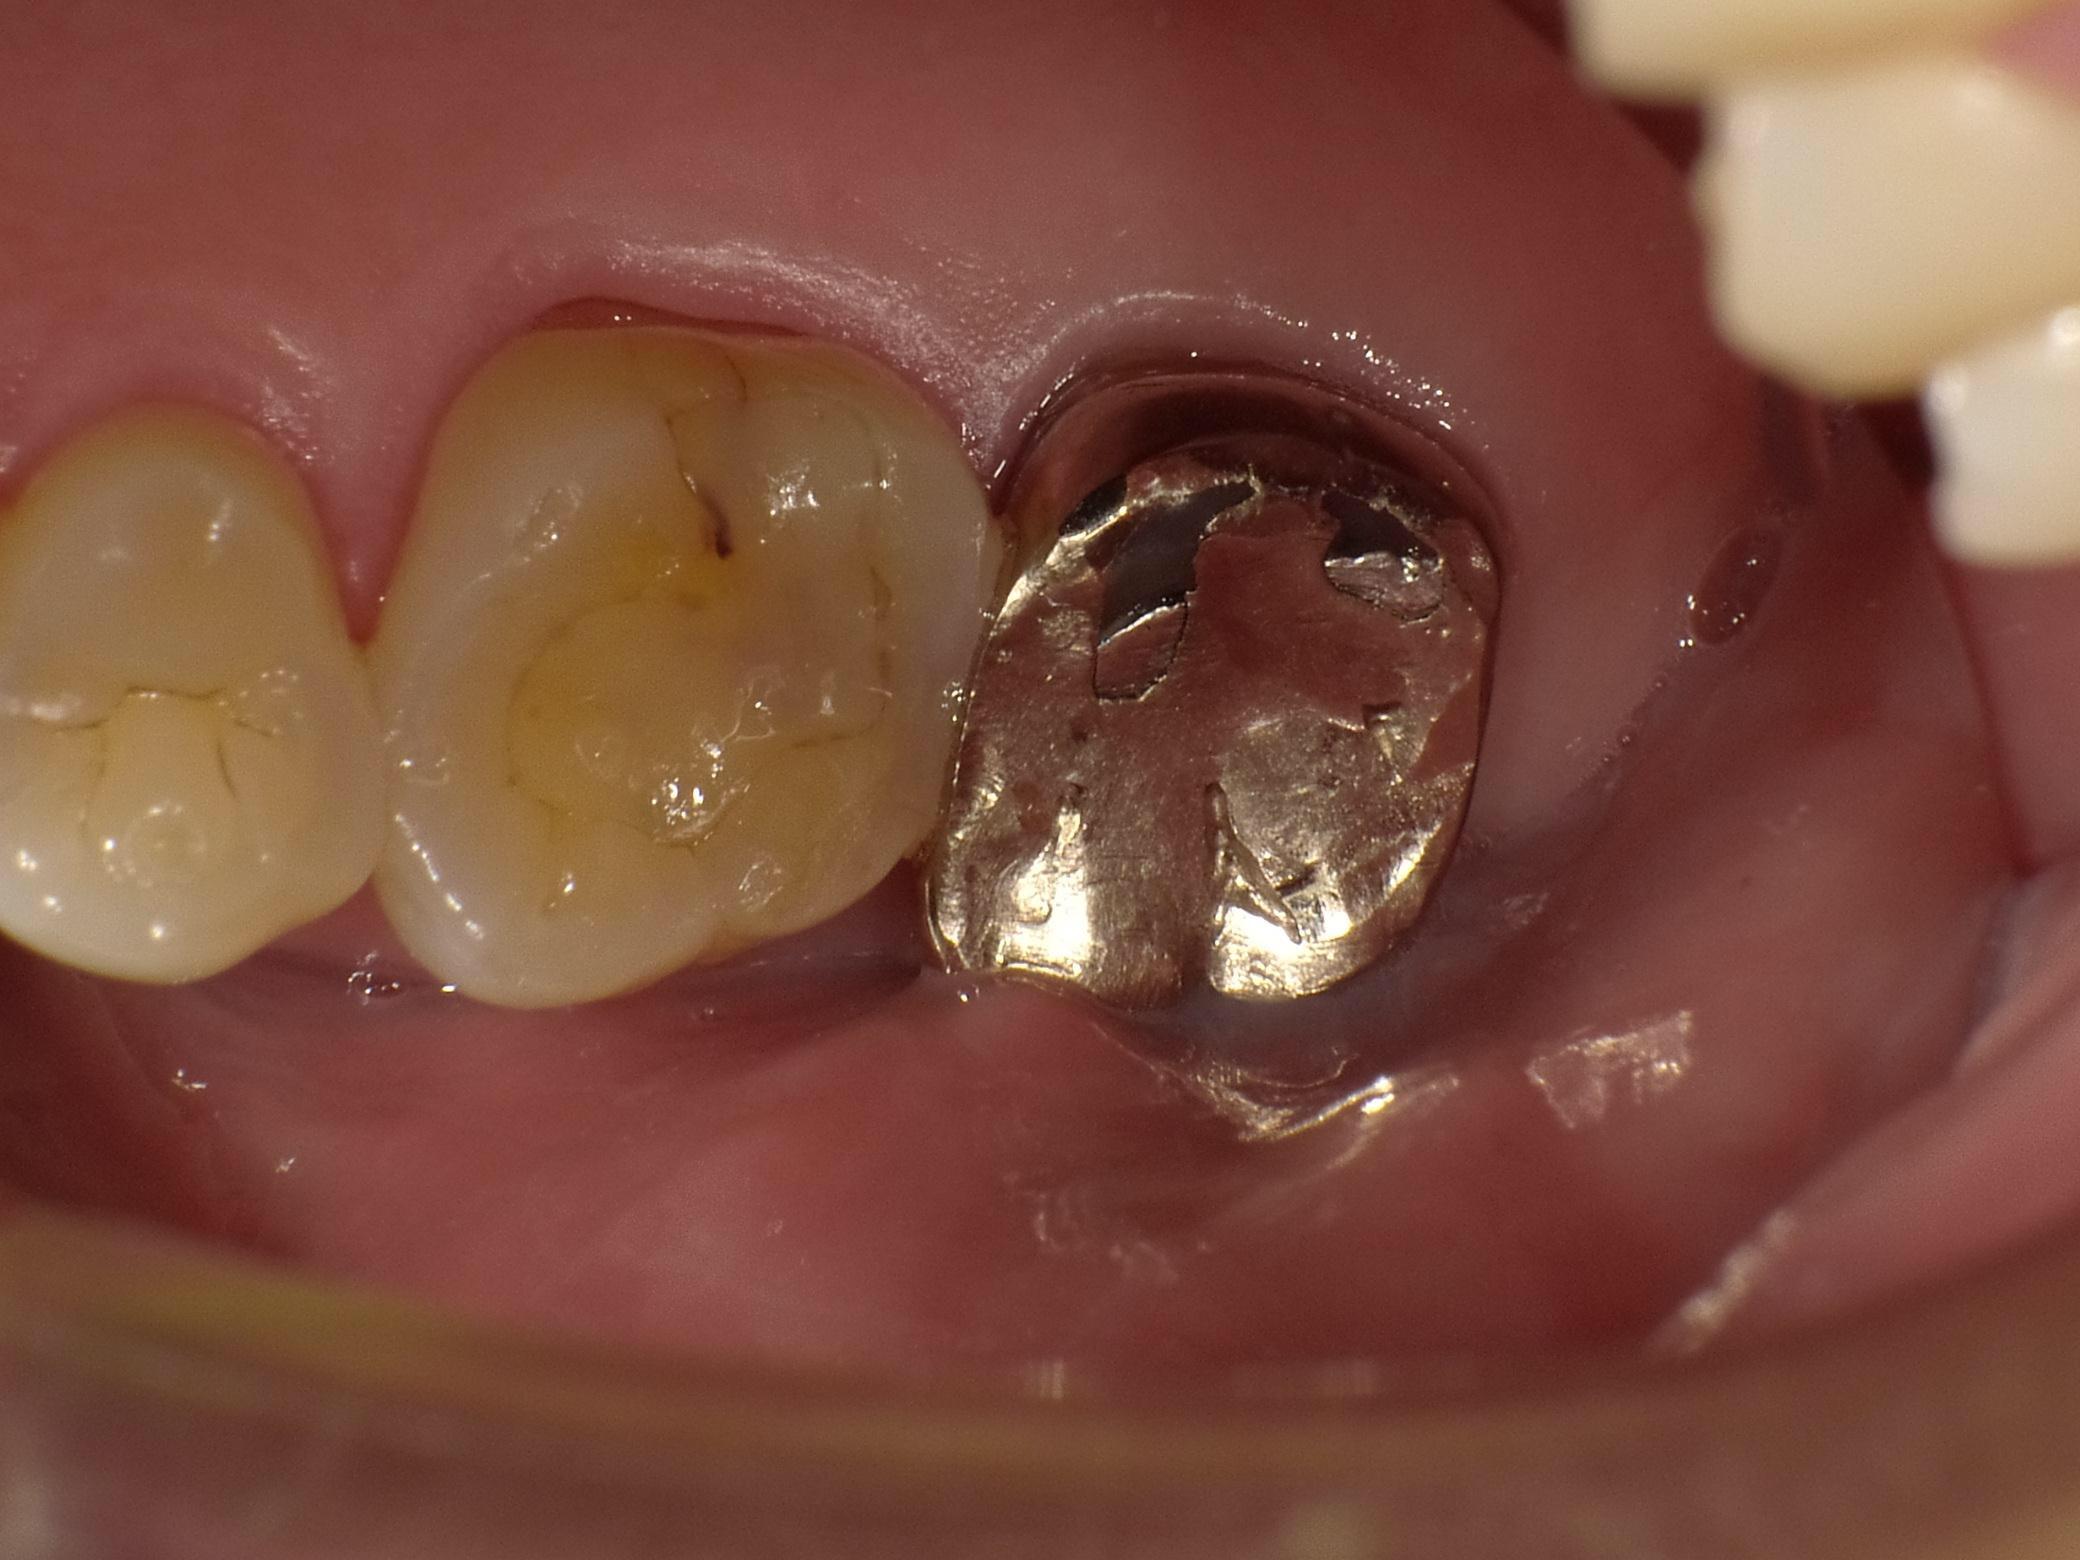 嚢胞 手術 歯根